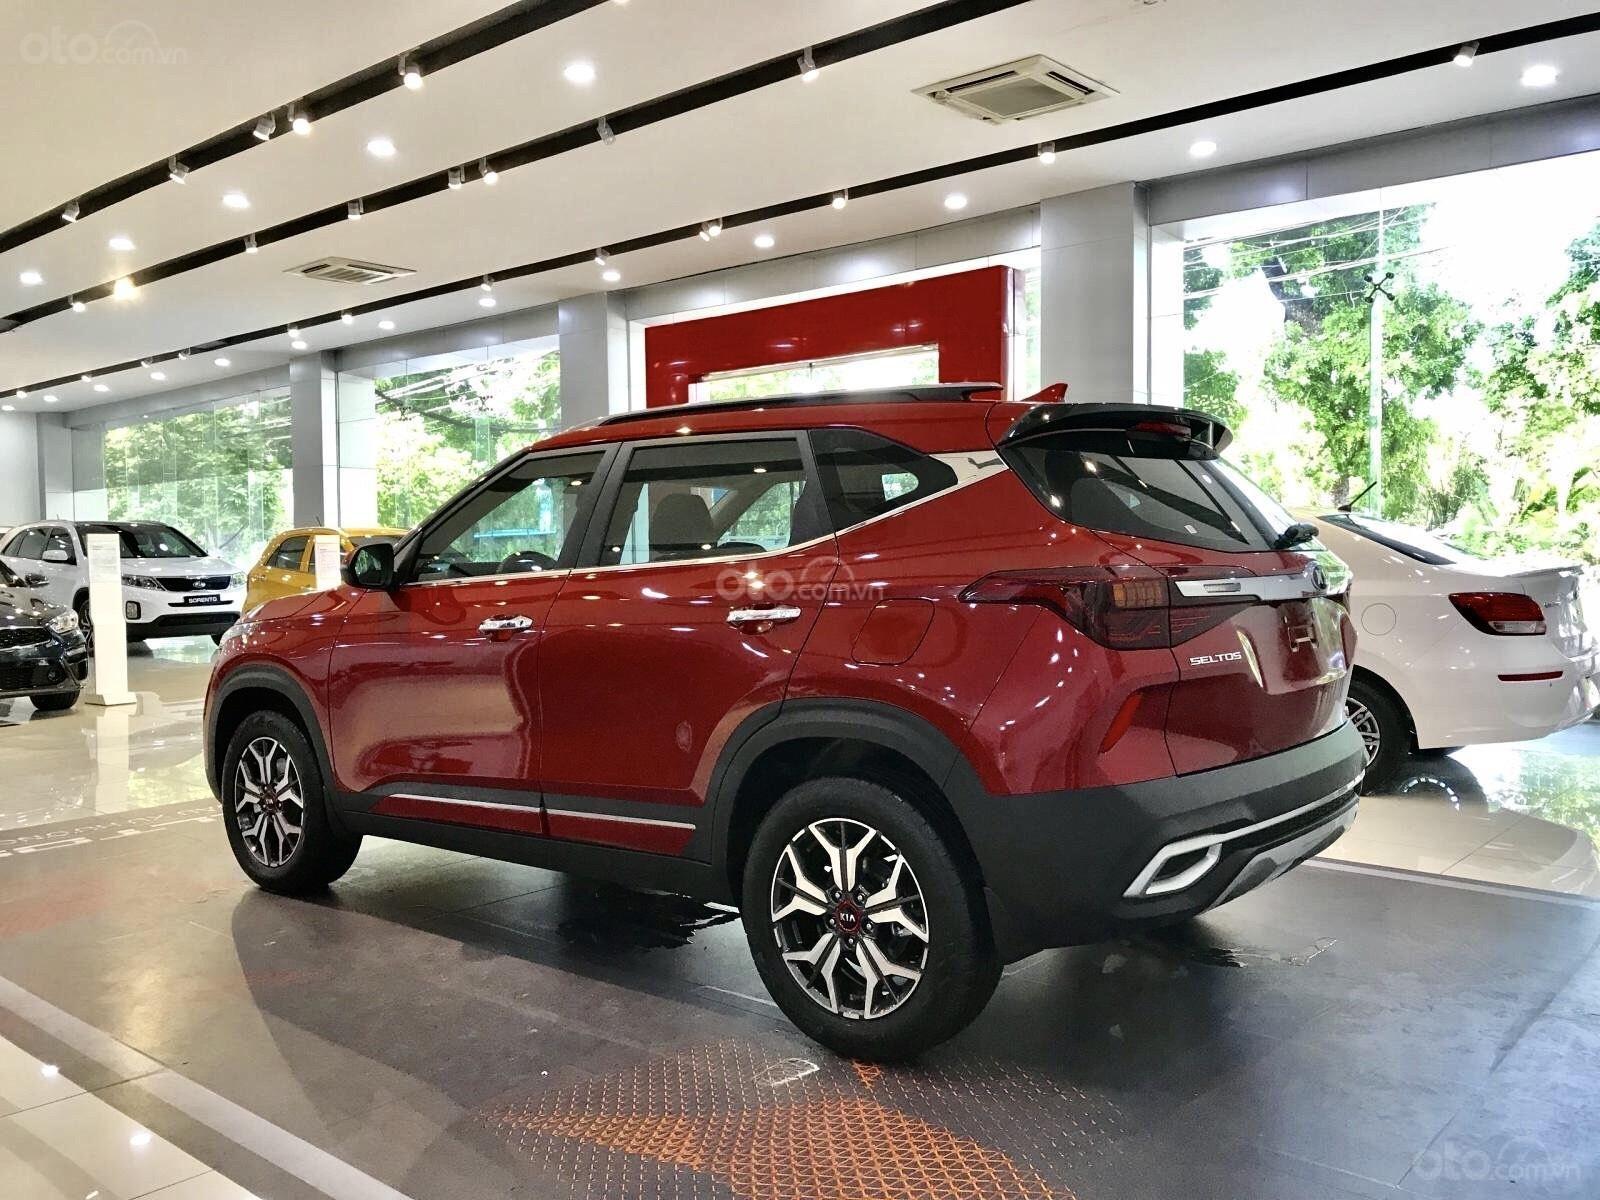 Kia Hà Nội- Kia Seltos 2021, nhận xe chỉ với 216 triệu đồng, hỗ trợ ngân hàng 80%, ưu đãi trên từng phiên bản (5)